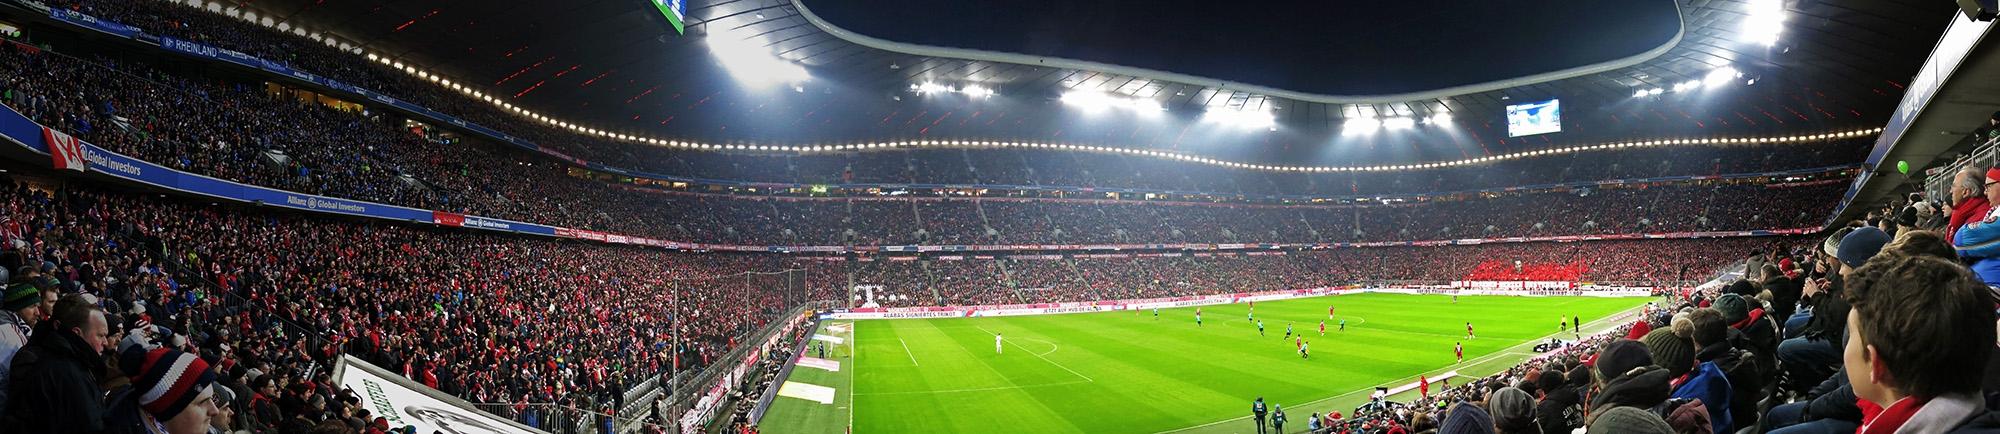 Die Arena<br>Jetzt, mit 750000 Plätzen, noch eindrucksvoller